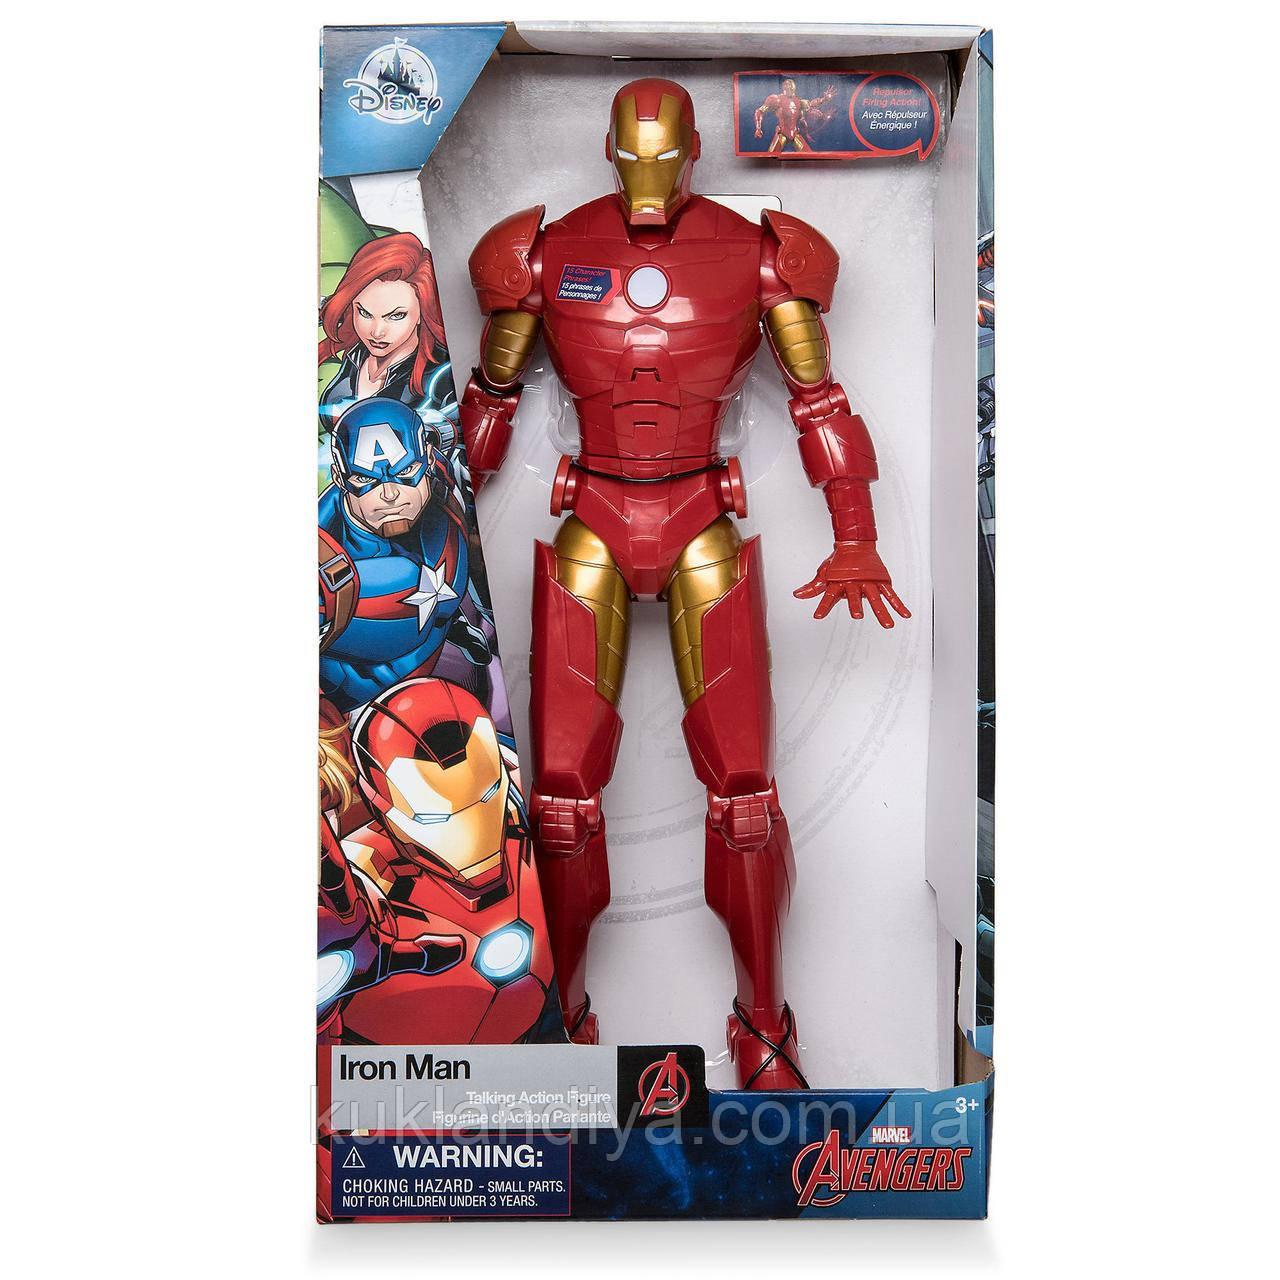 Інтерактивний Залізна людина від Дісней/ Iron Man Talking Action Figure